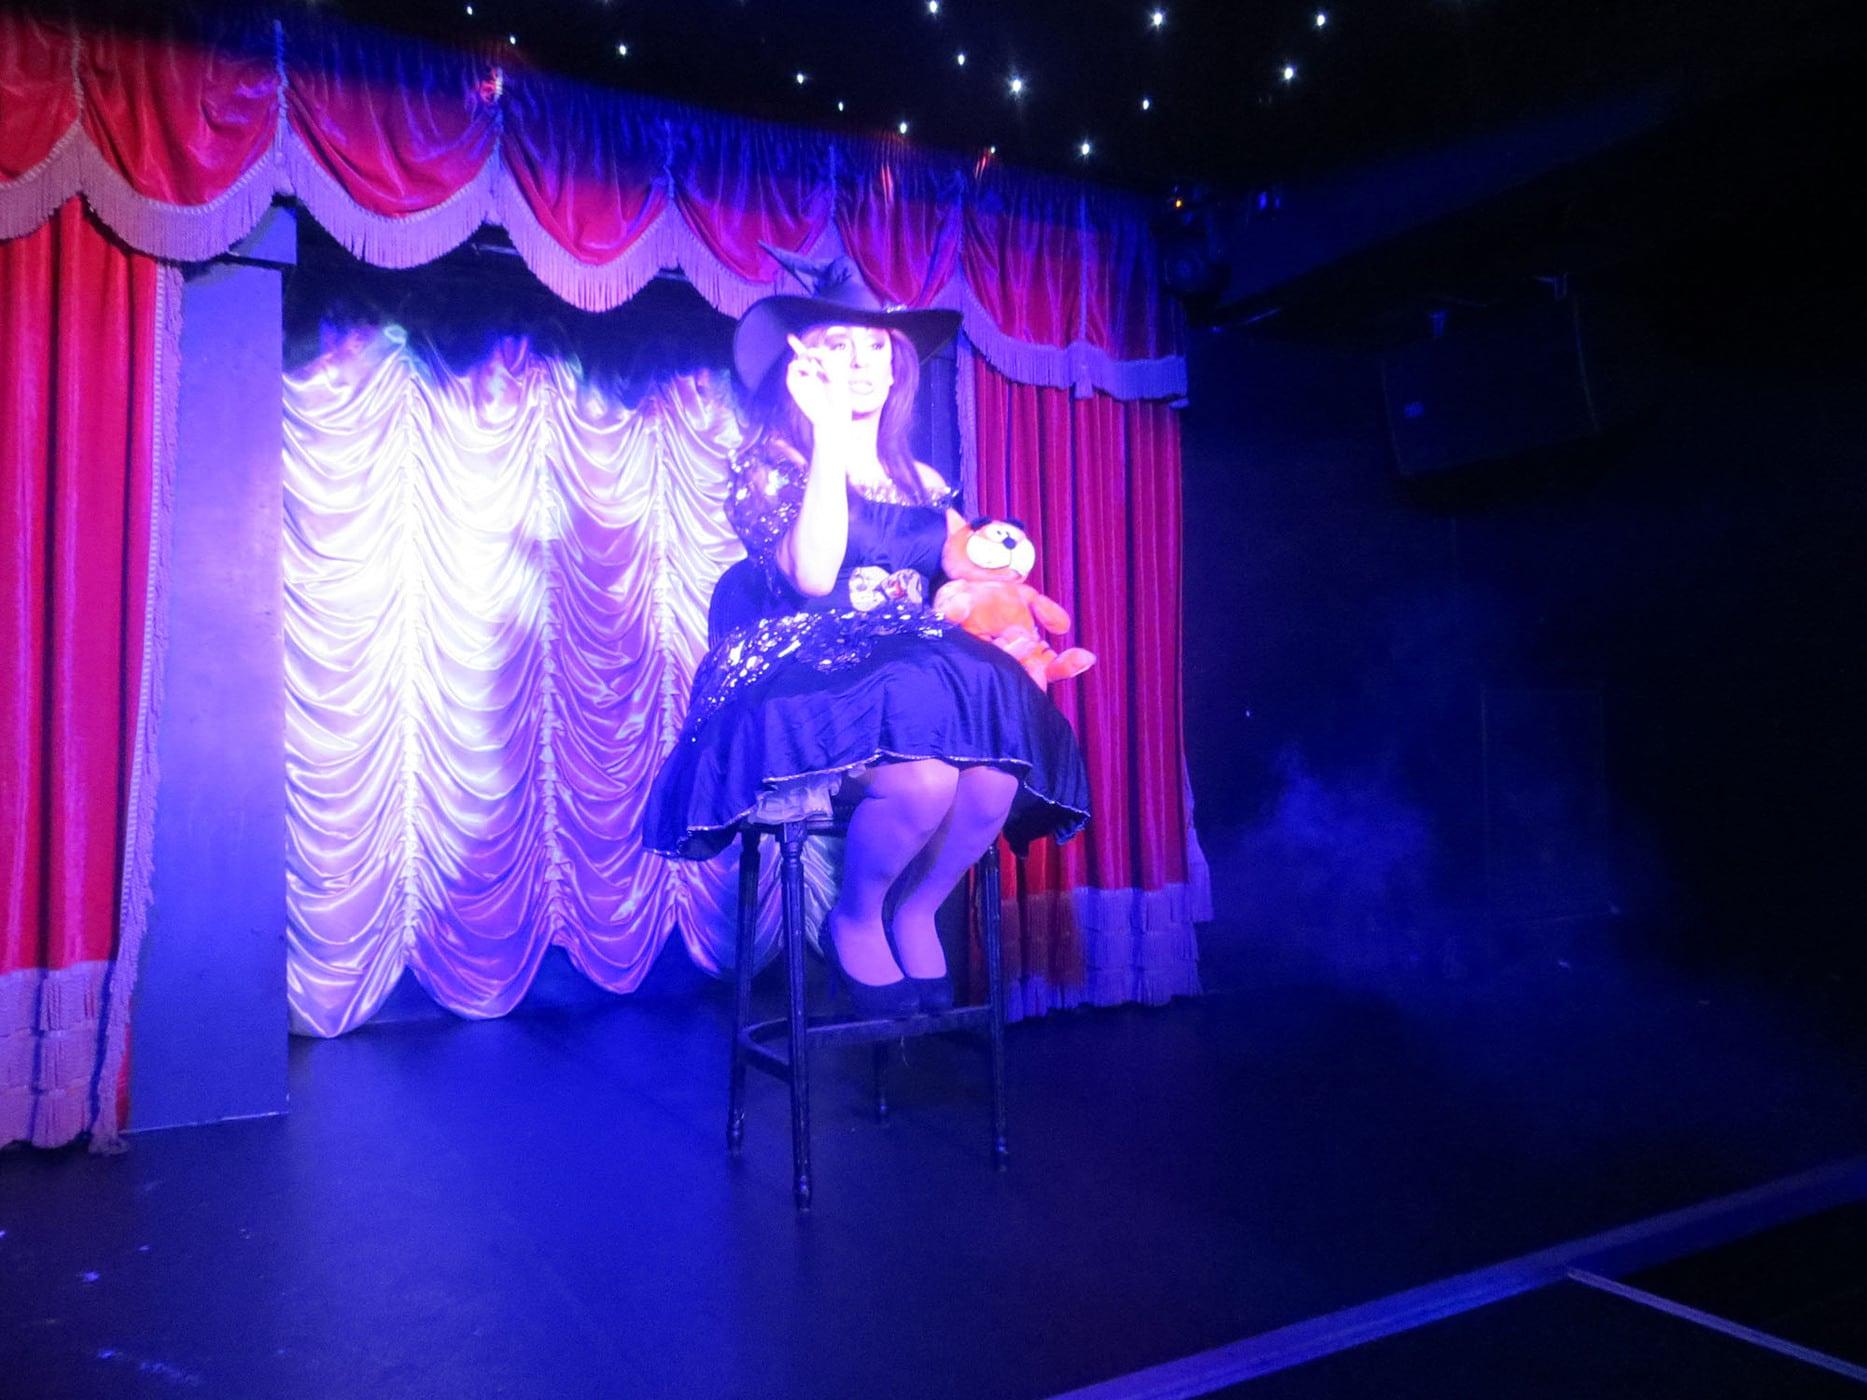 Drag queen performing in Leeds, England.